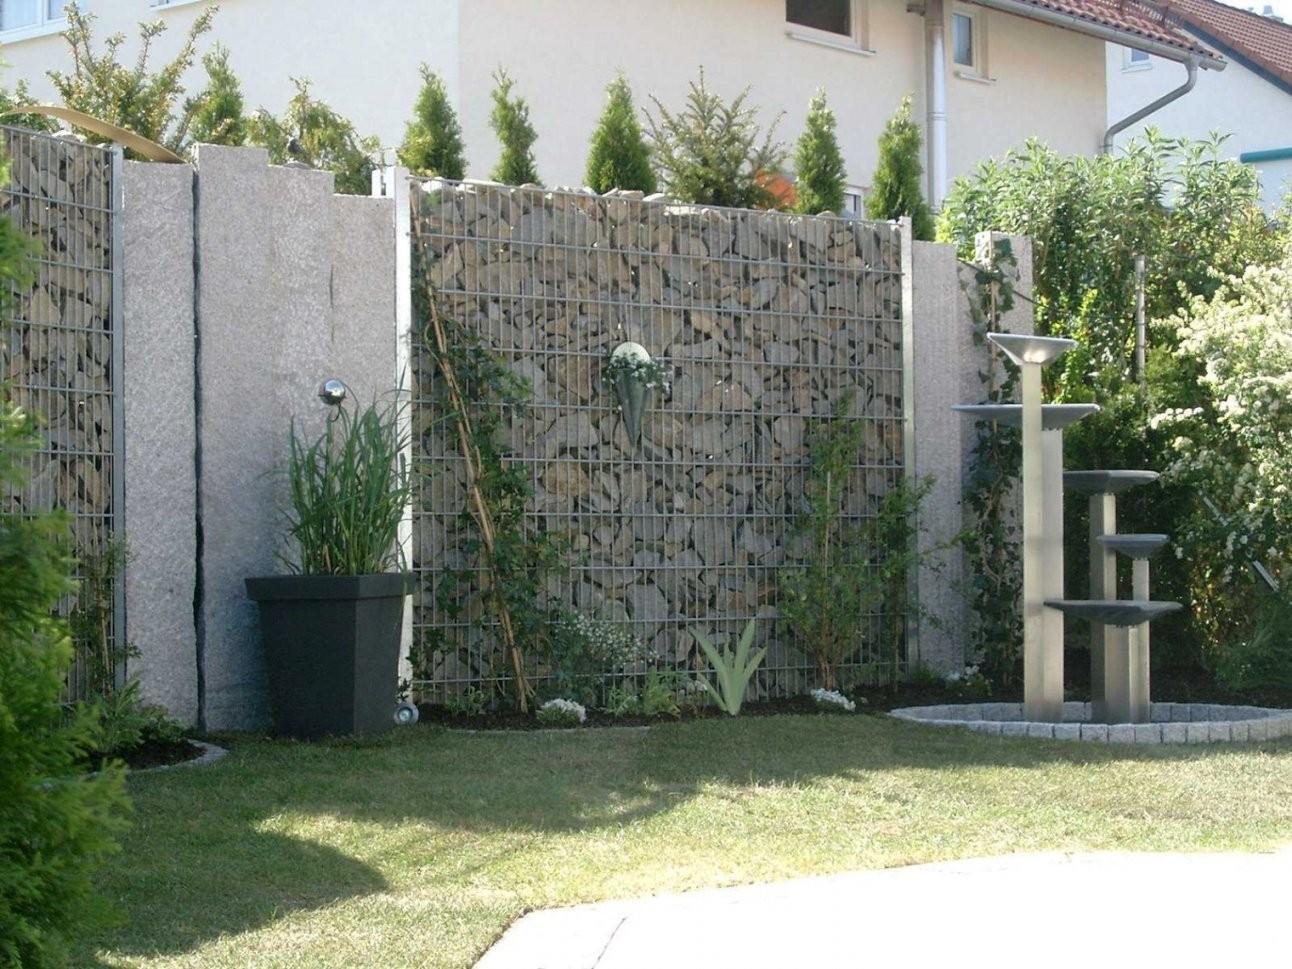 37 Neueste Sichtschutz Nachbar Für Ihr Garten Decor Ist Luxus Ideen von Holzwände Für Den Garten Photo